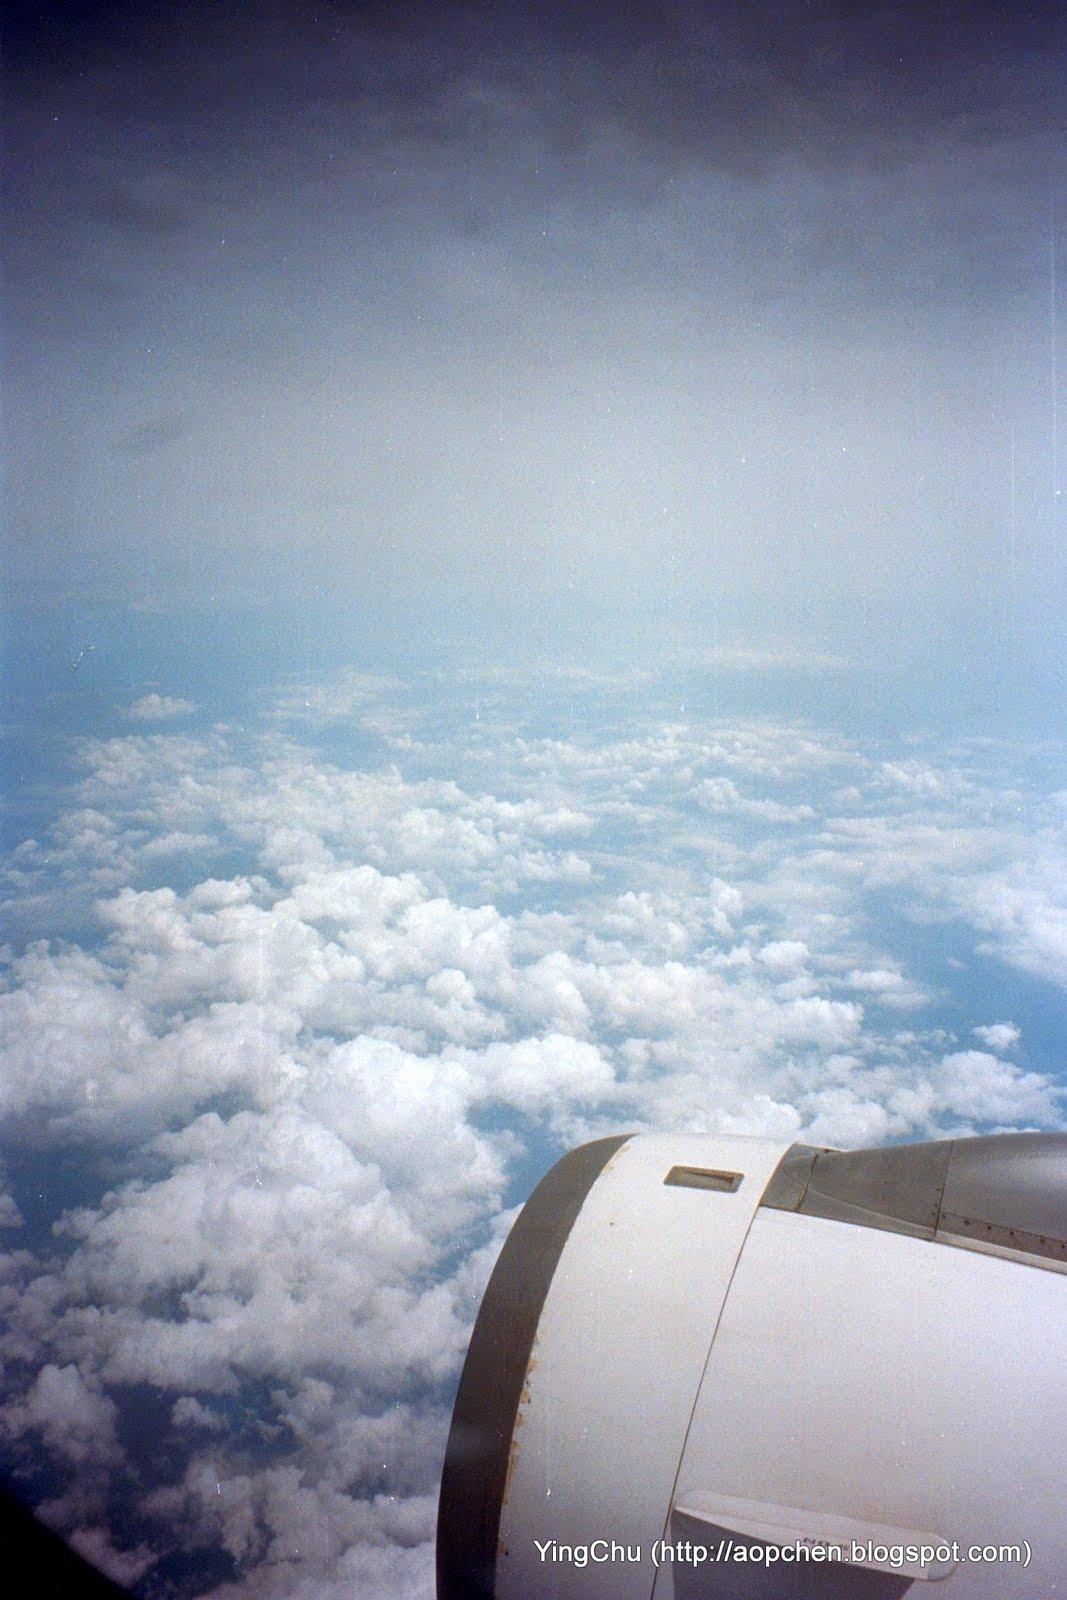 從機上往外拍雲朵